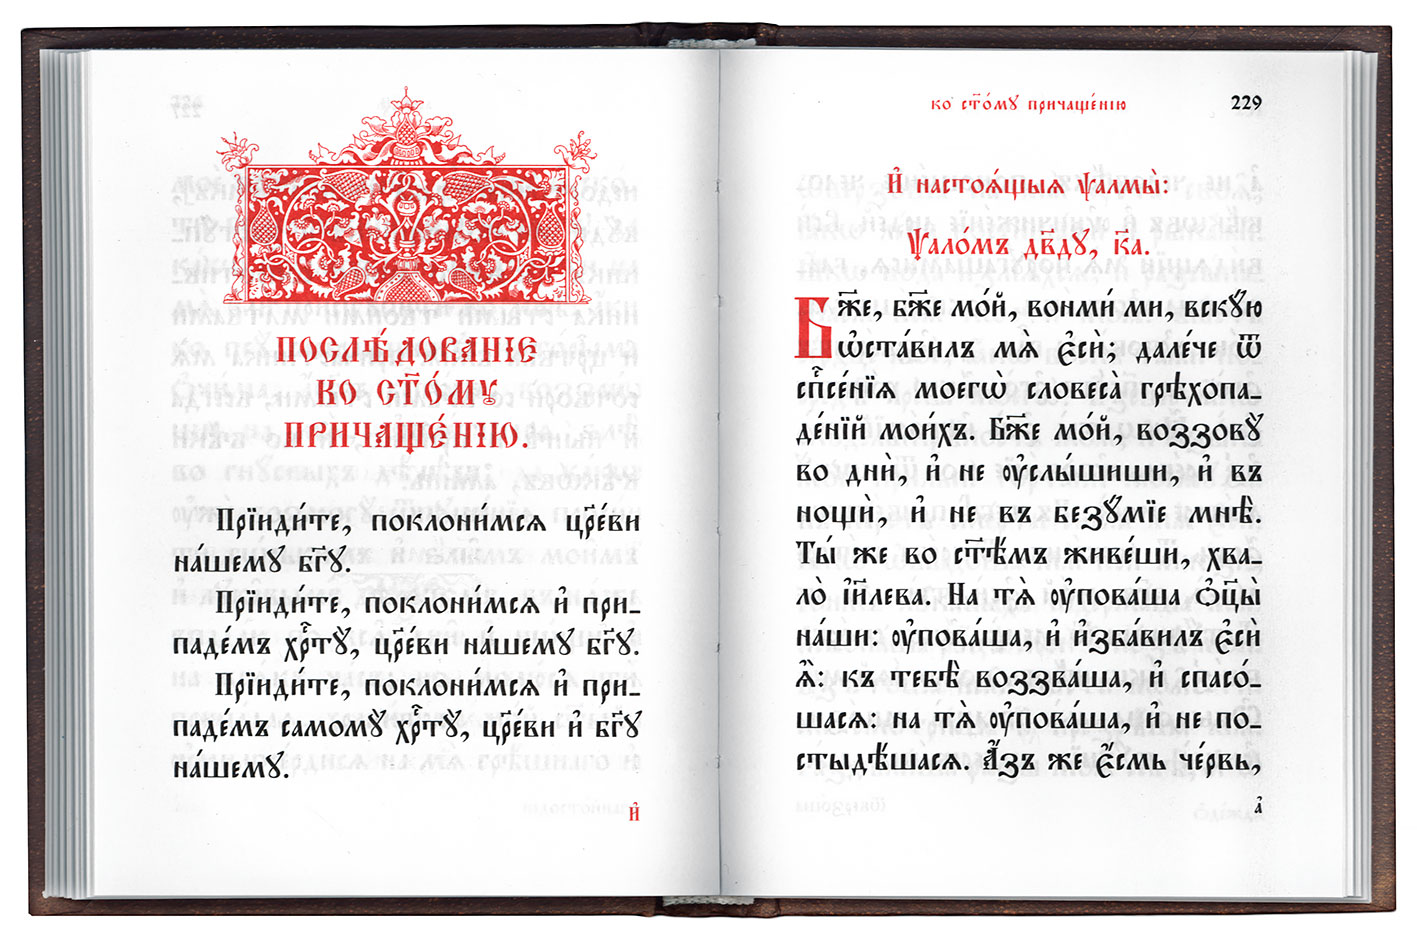 Молитвы на сон грядущий на церковно славянском скачать